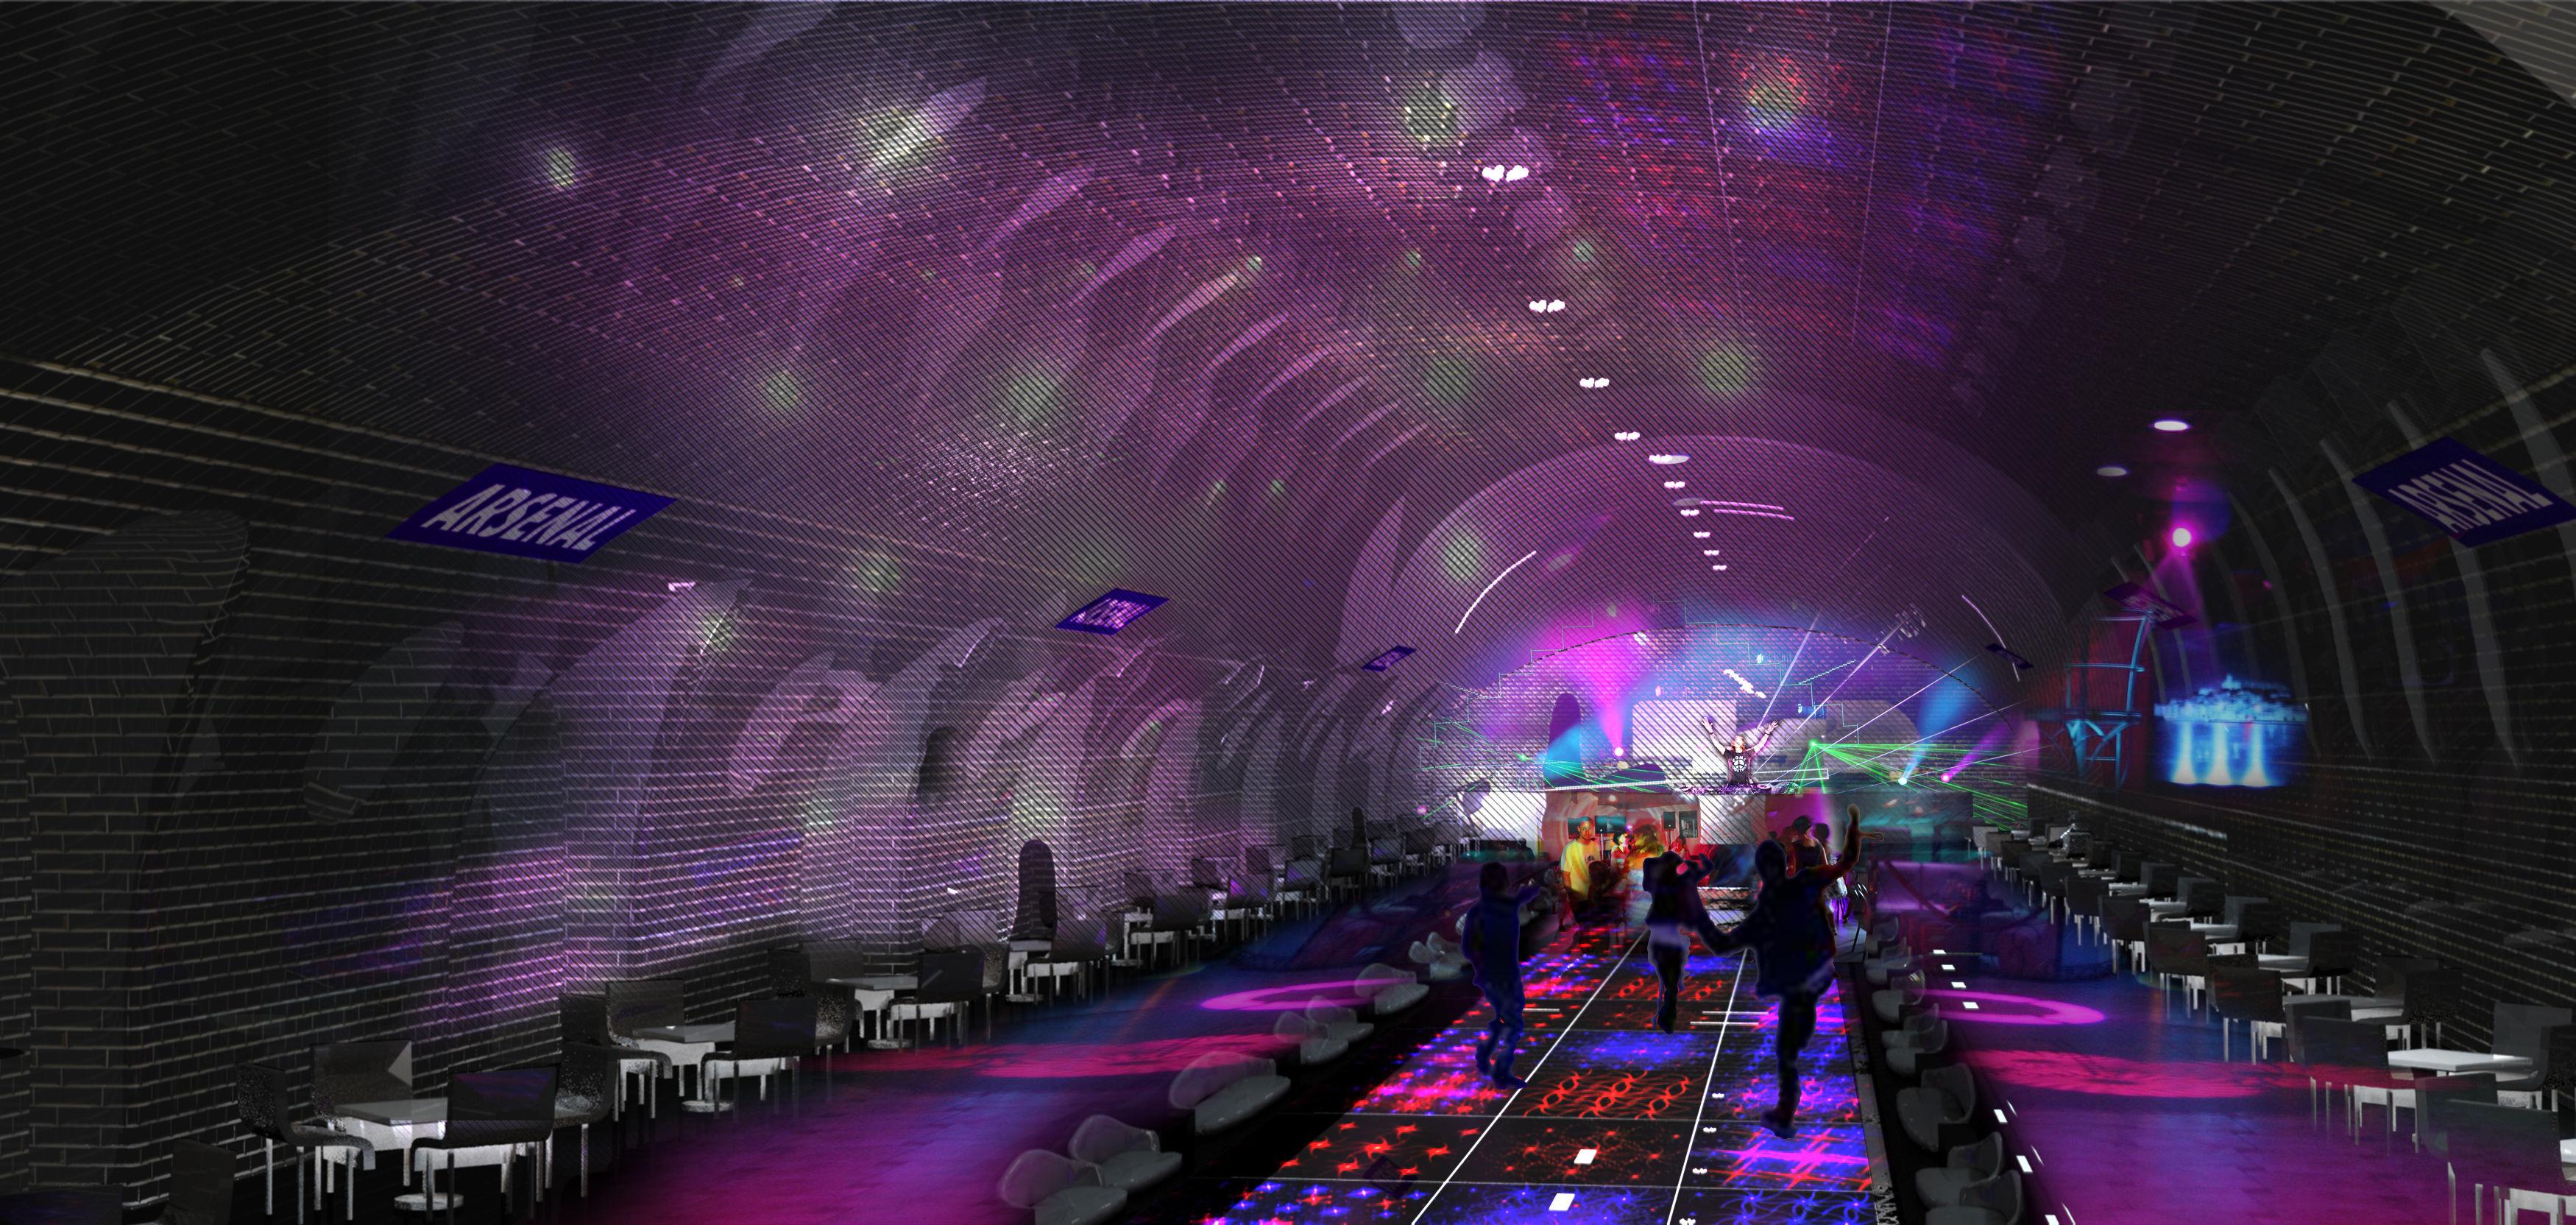 老朽化した地下鉄の線路の使い道は、意外にもプール、クラブ、映画館だった・・・